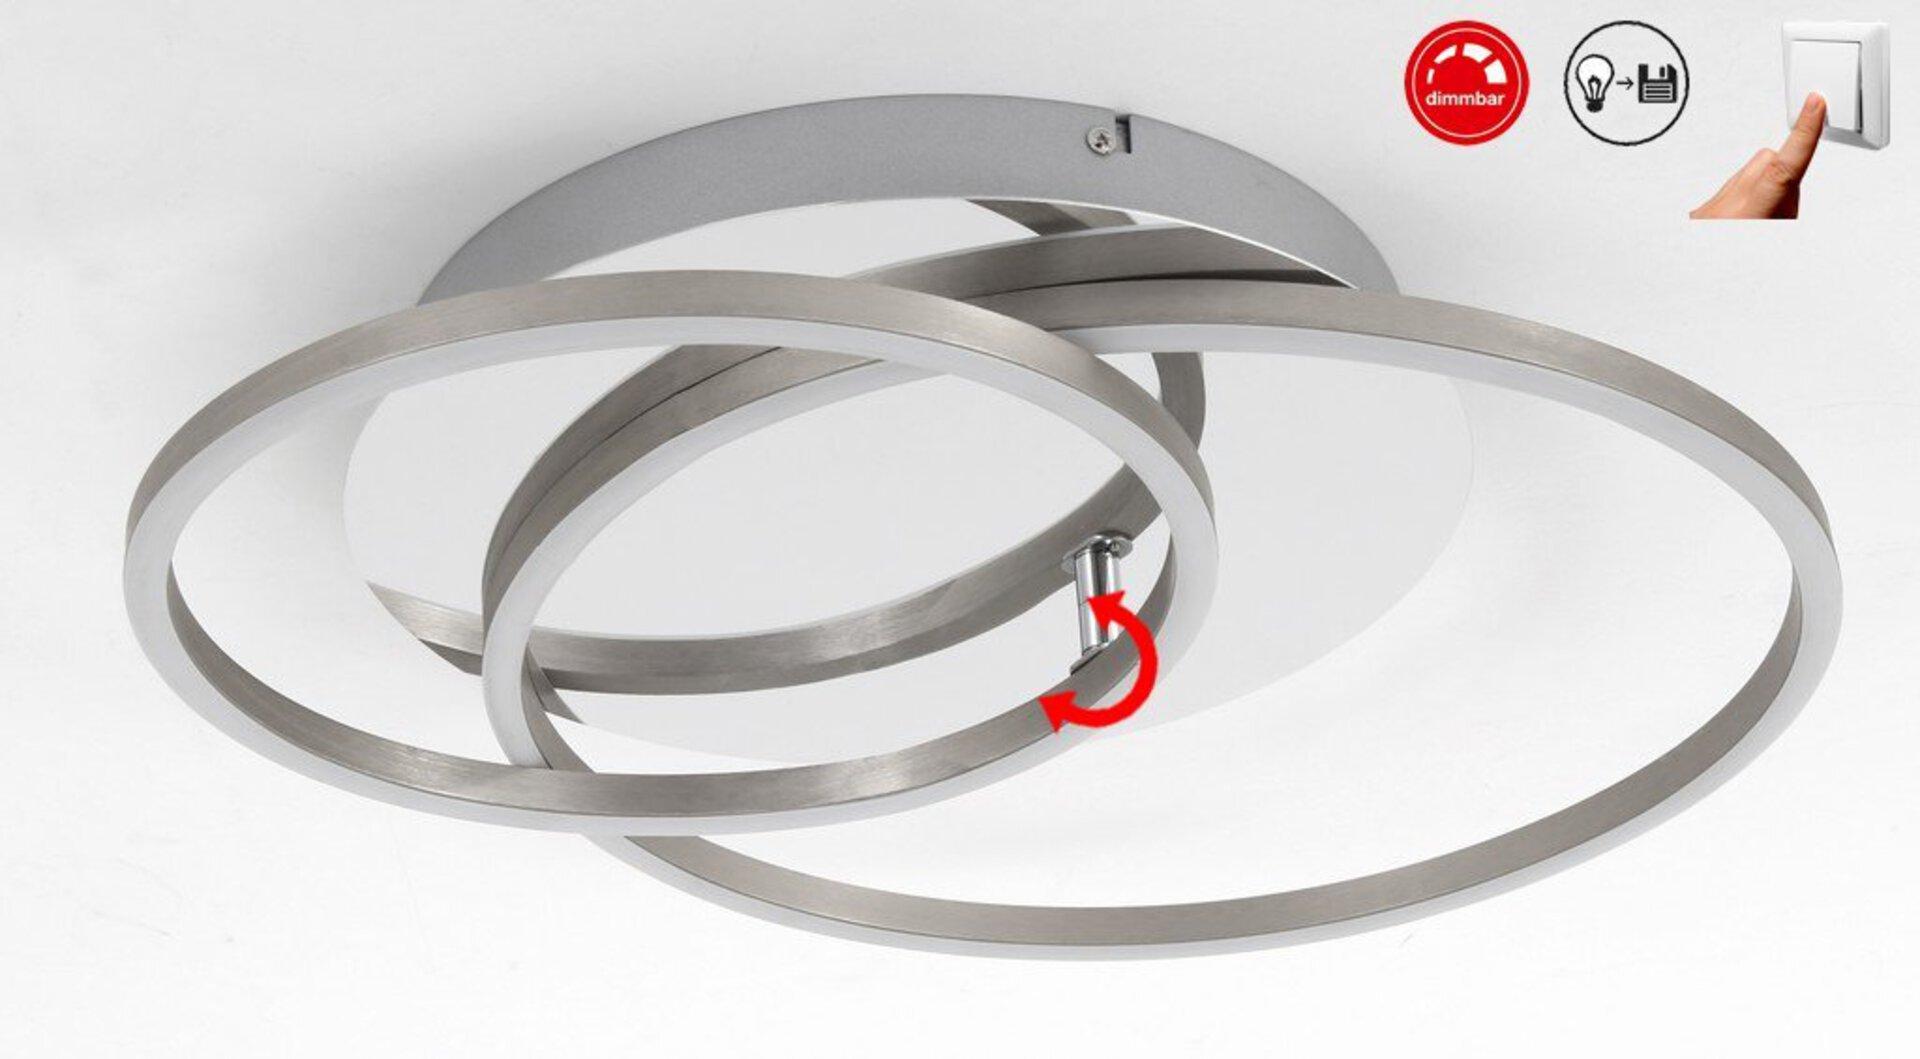 Deckenleuchte Frames Aktion Briloner Metall silber 40 x 8 x 52 cm